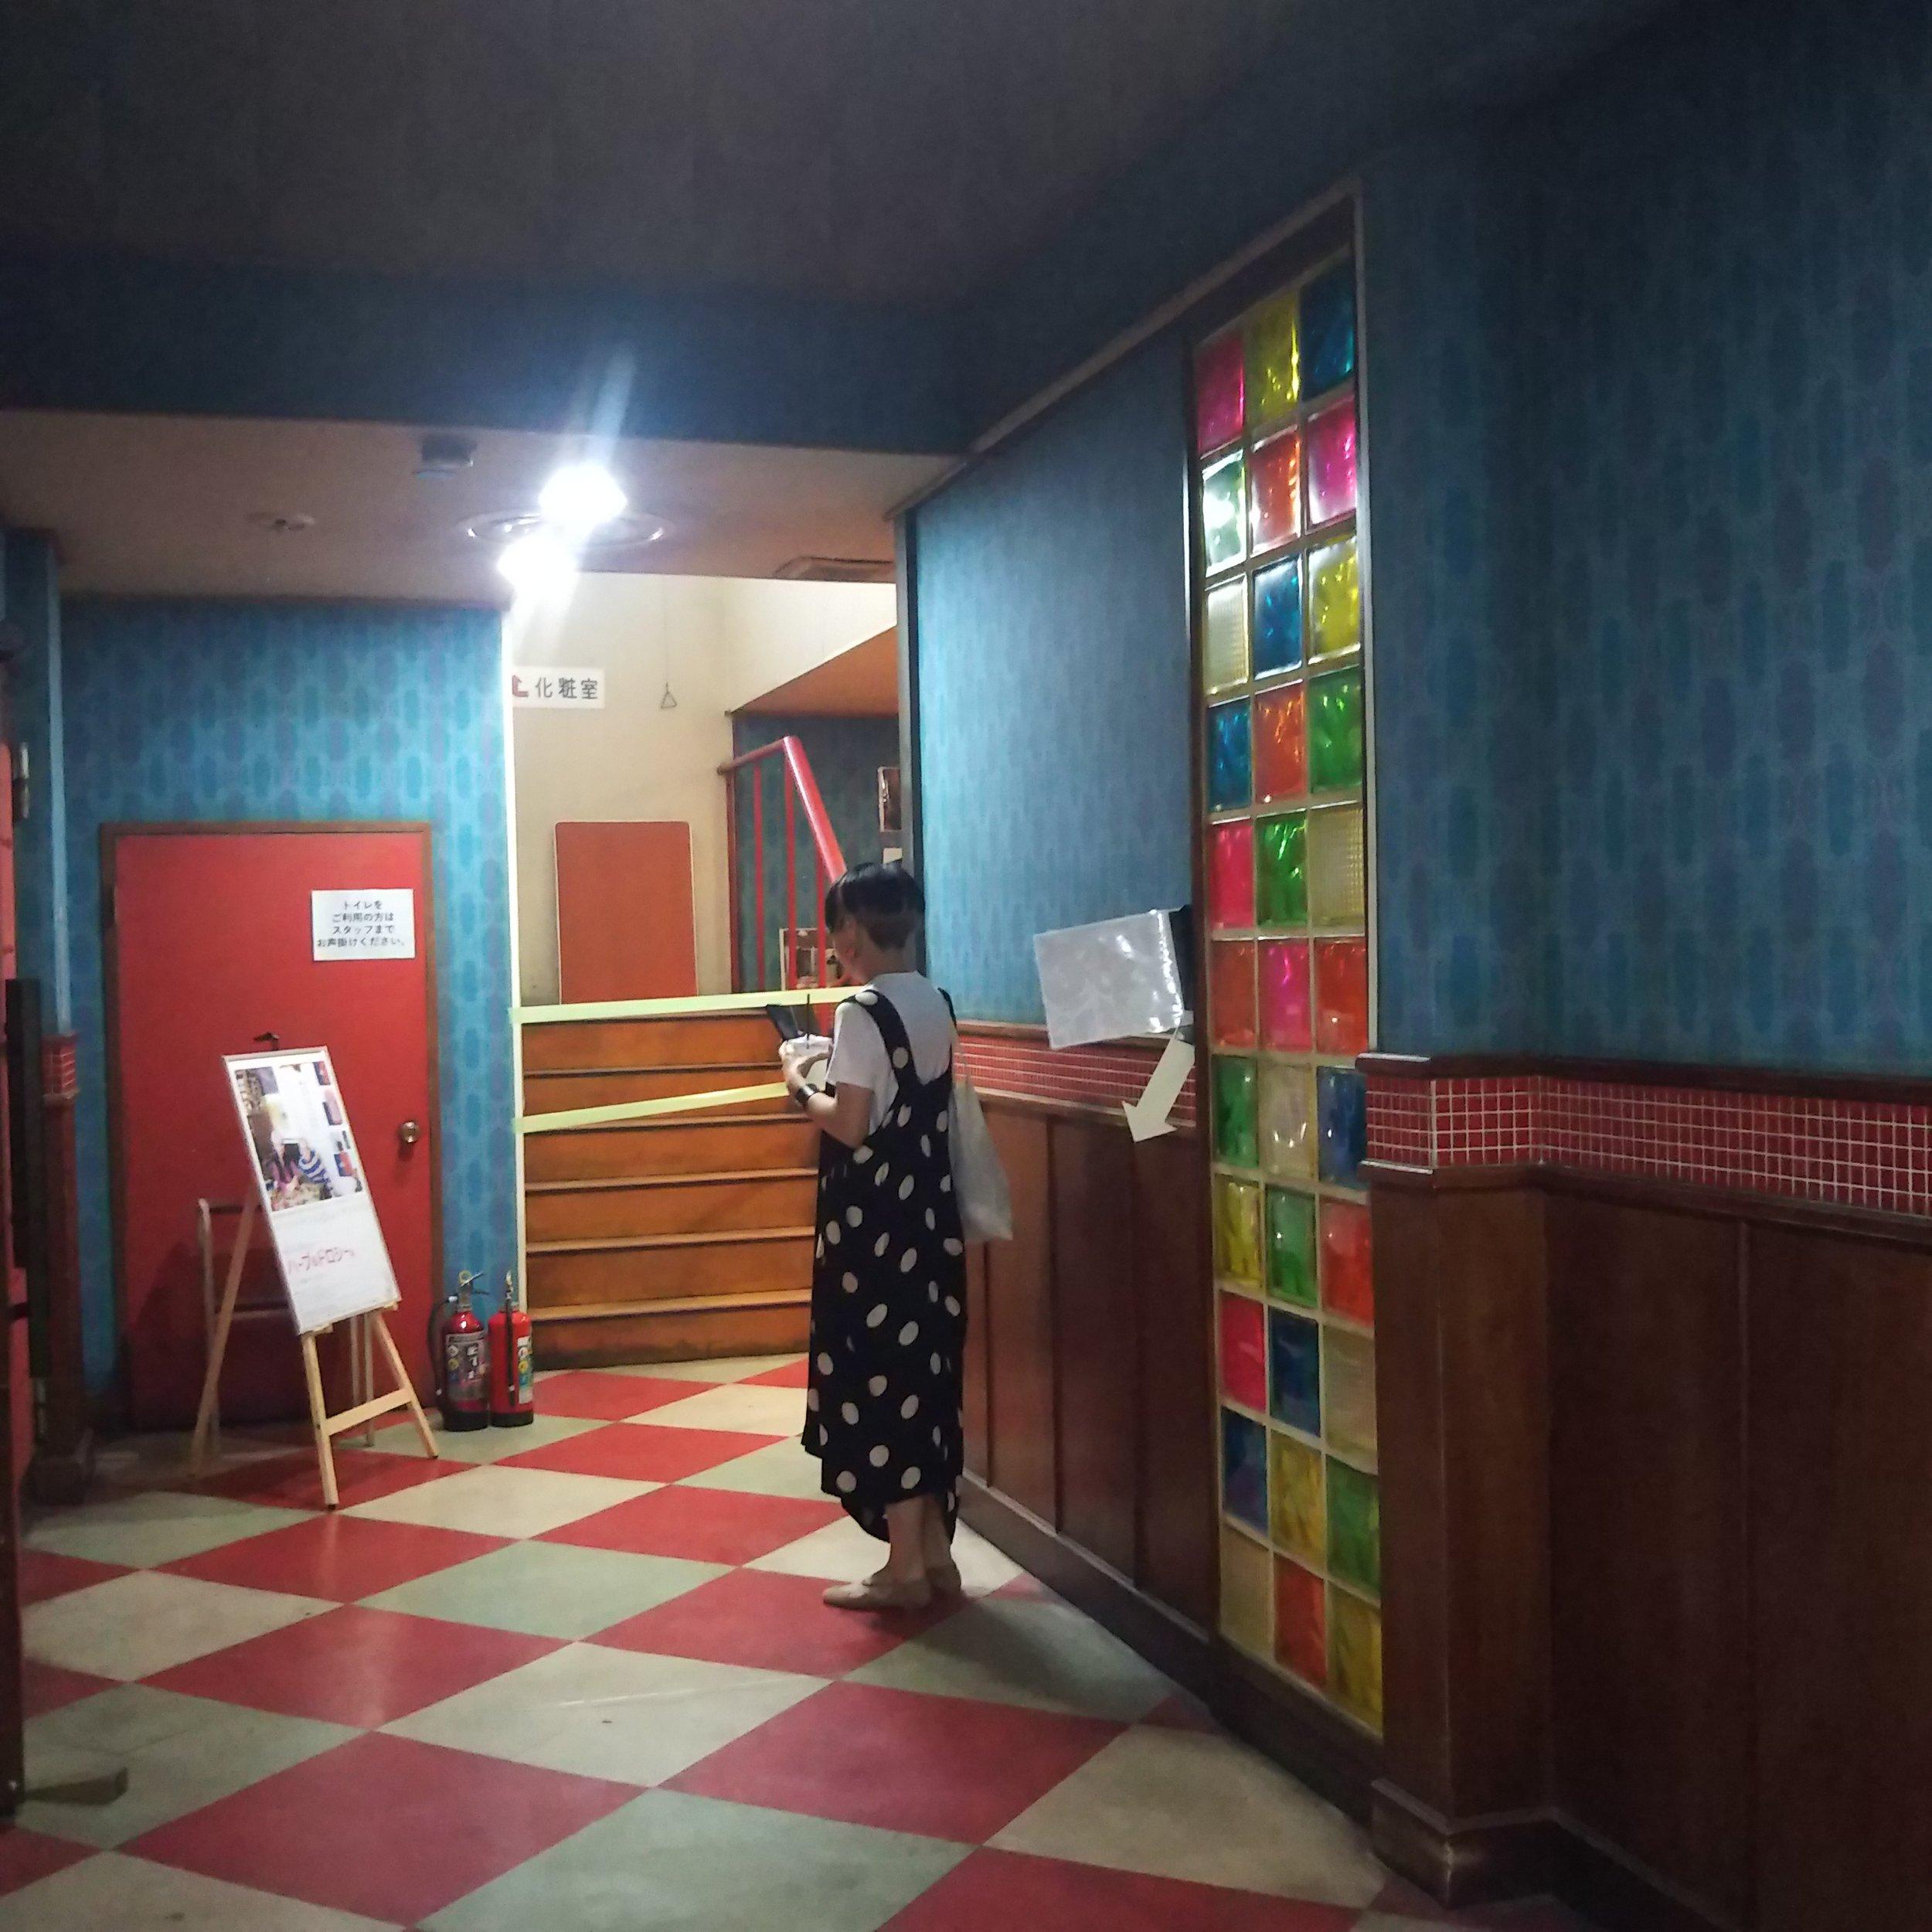 映画のセットが残っていて、かわいい館内。